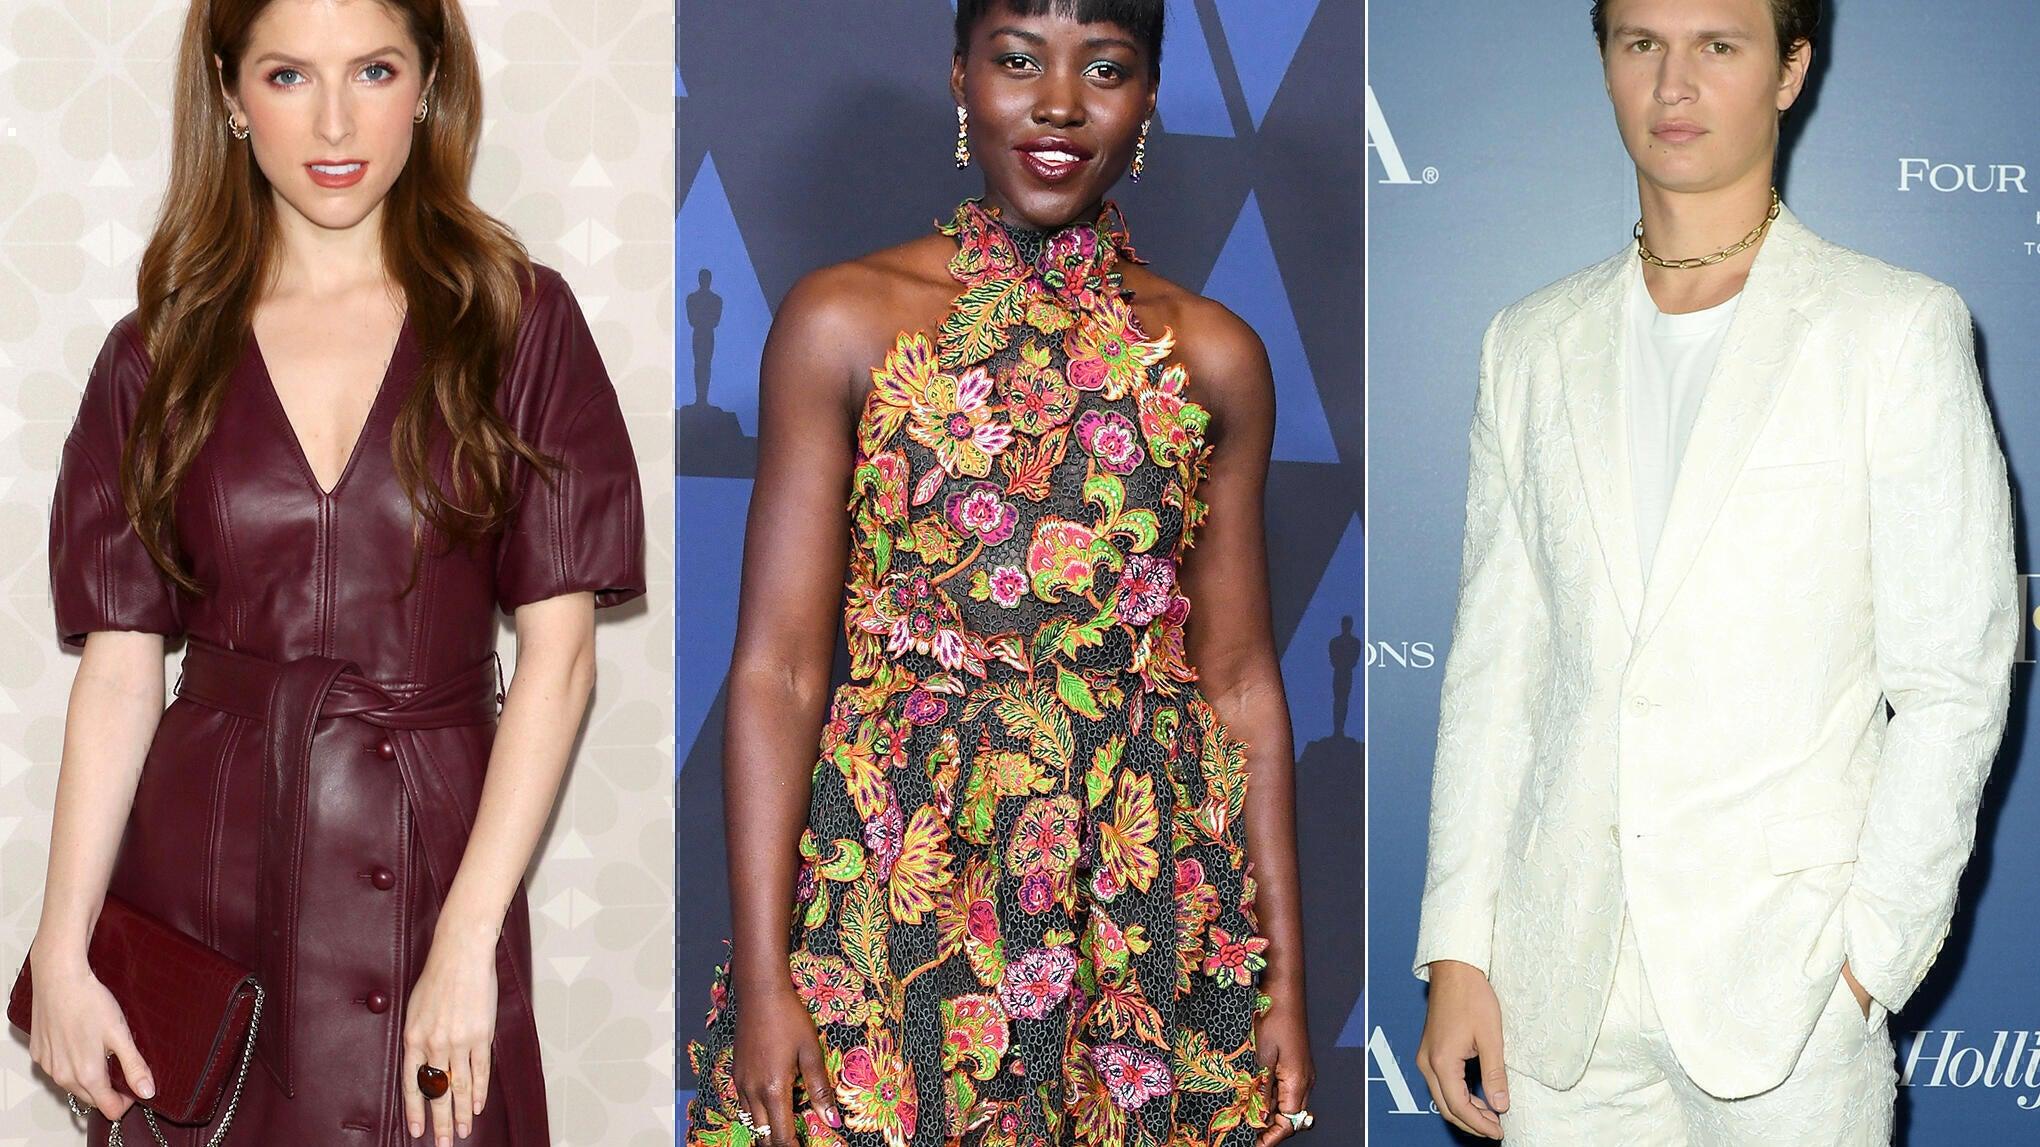 Anna Kendrick, Lupita Nyong'o, and Ansel Elgort